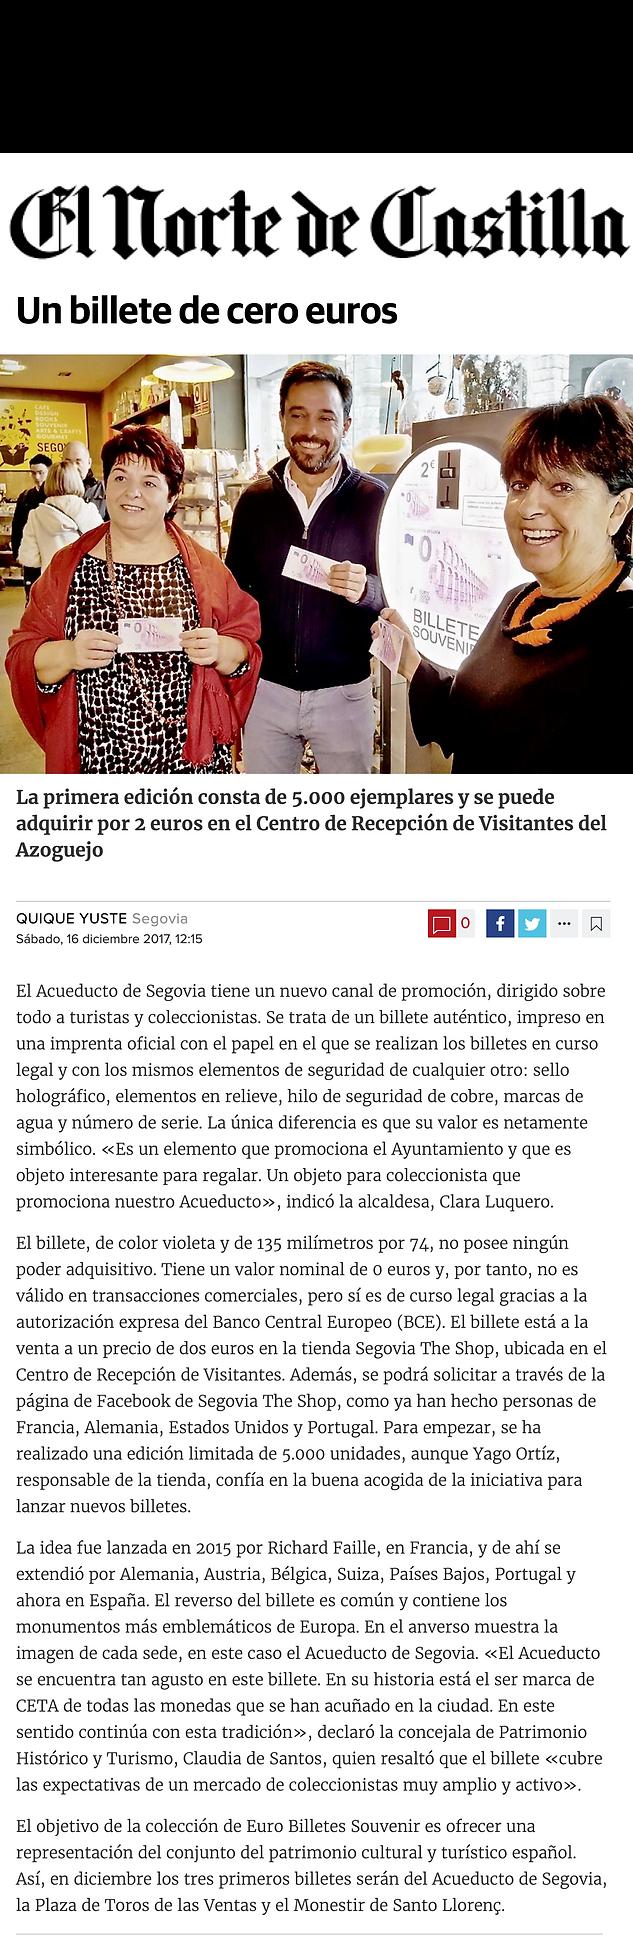 prensa_nortedecastilla_acueducto_0euros.